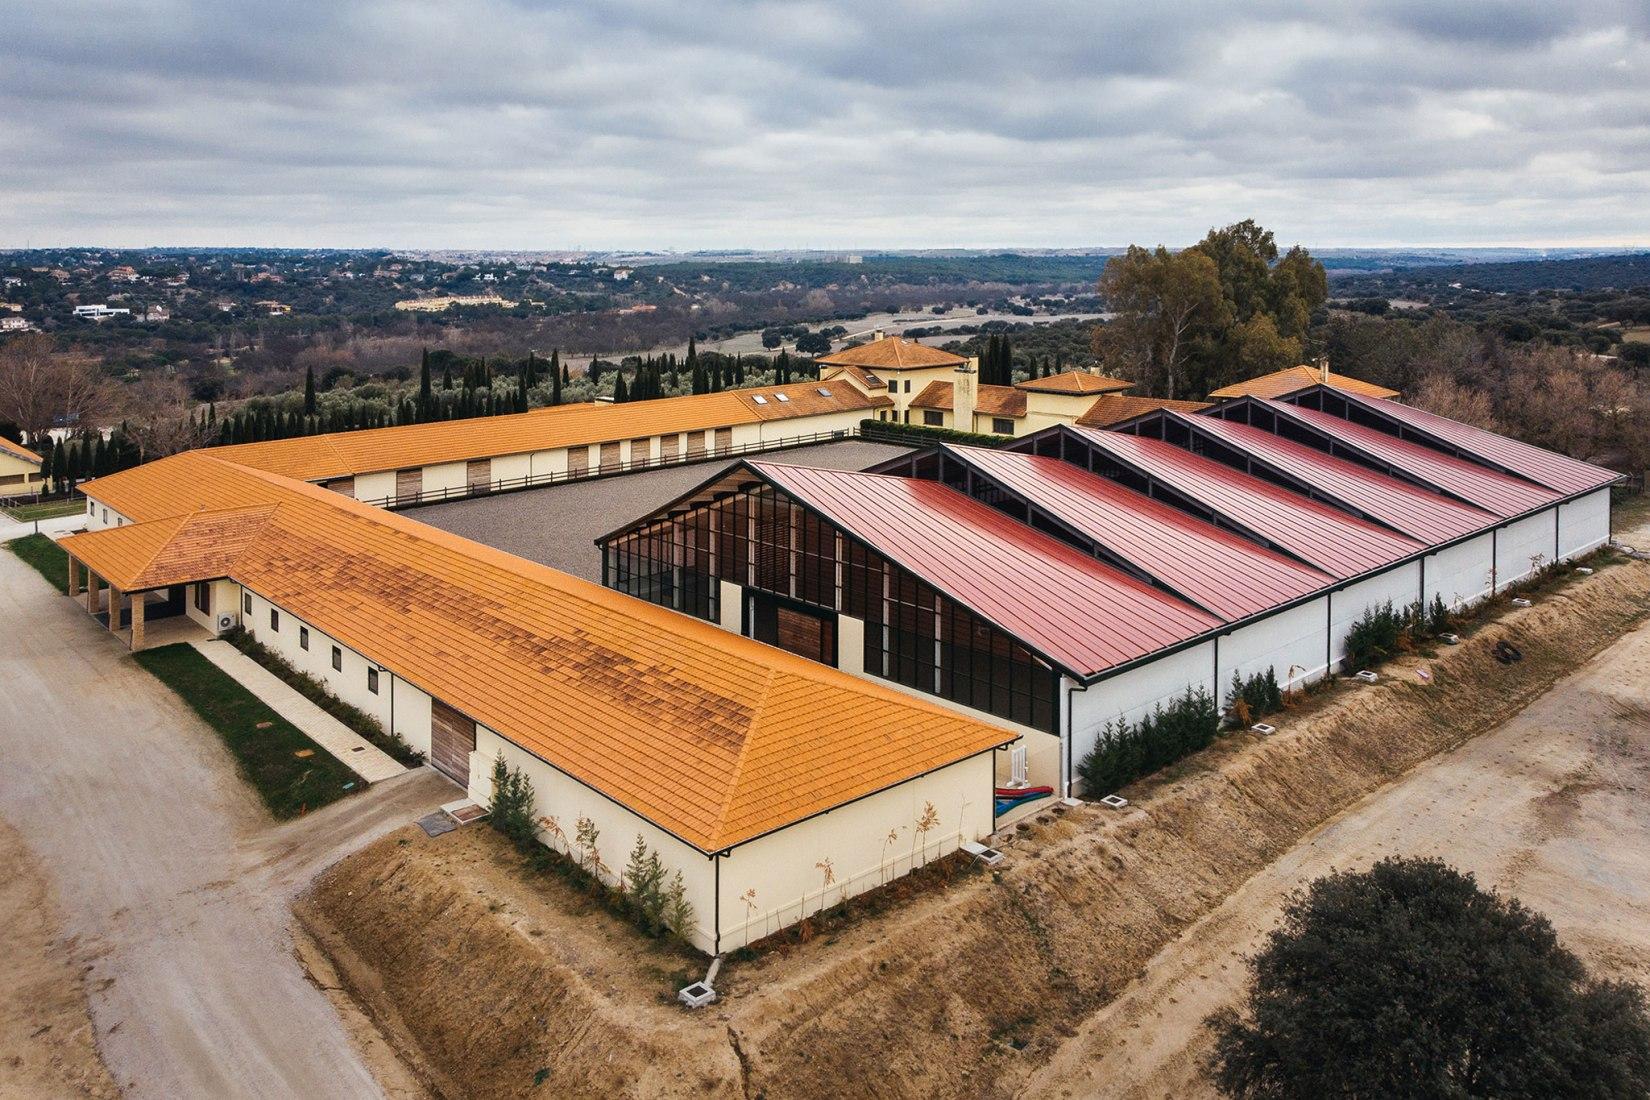 Vista aérea. Picadero de Caballos en finca ganadera por OOIIO Arquitecture. Fotografía de OOIIO Arquitectura, Josefotoinmo